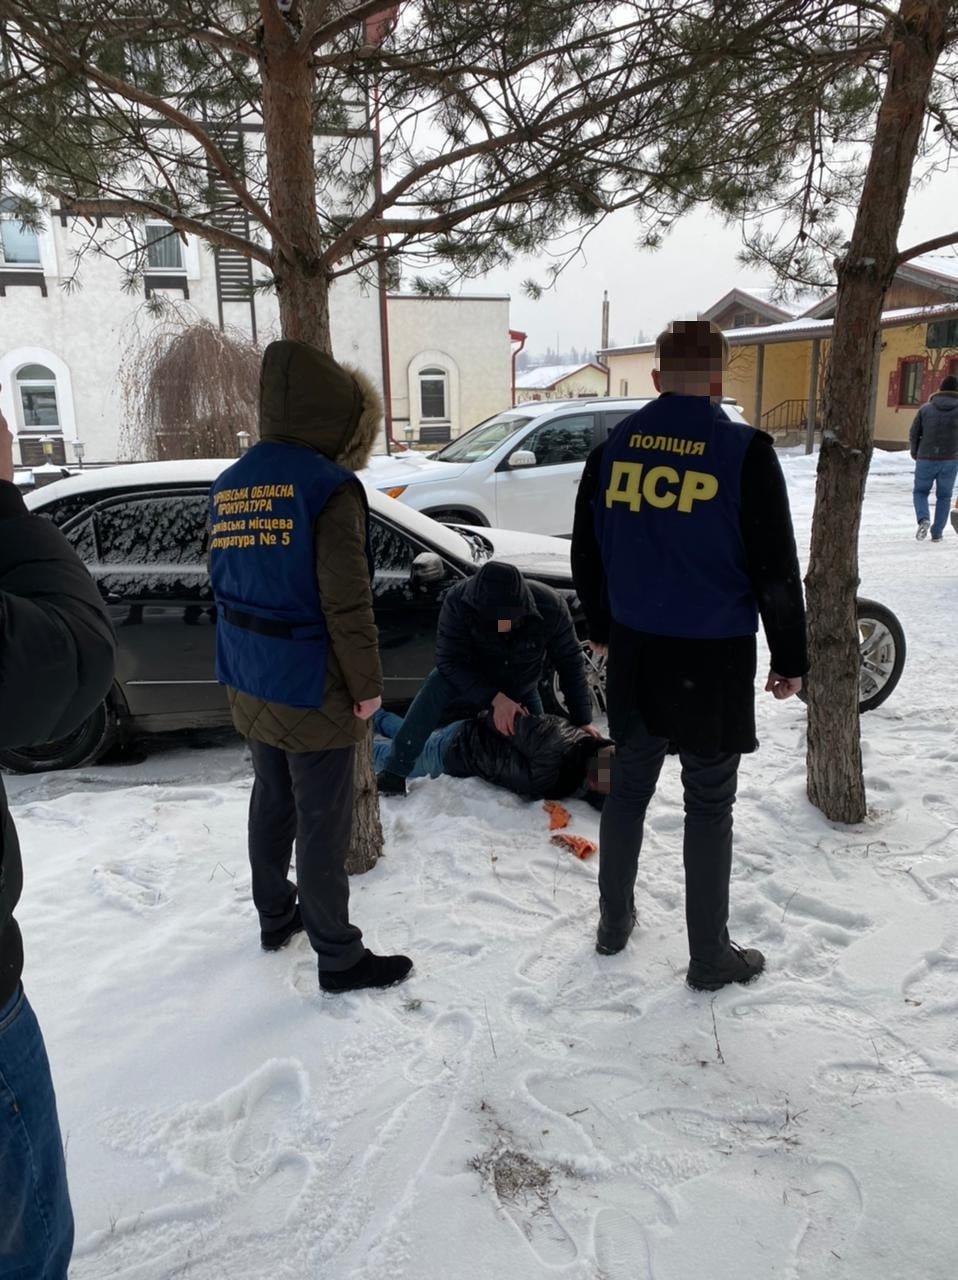 Требовал деньги и сопротивлялся при задержании: силовики поймали на взятке чиновника Харьковского горсовета, фото-2